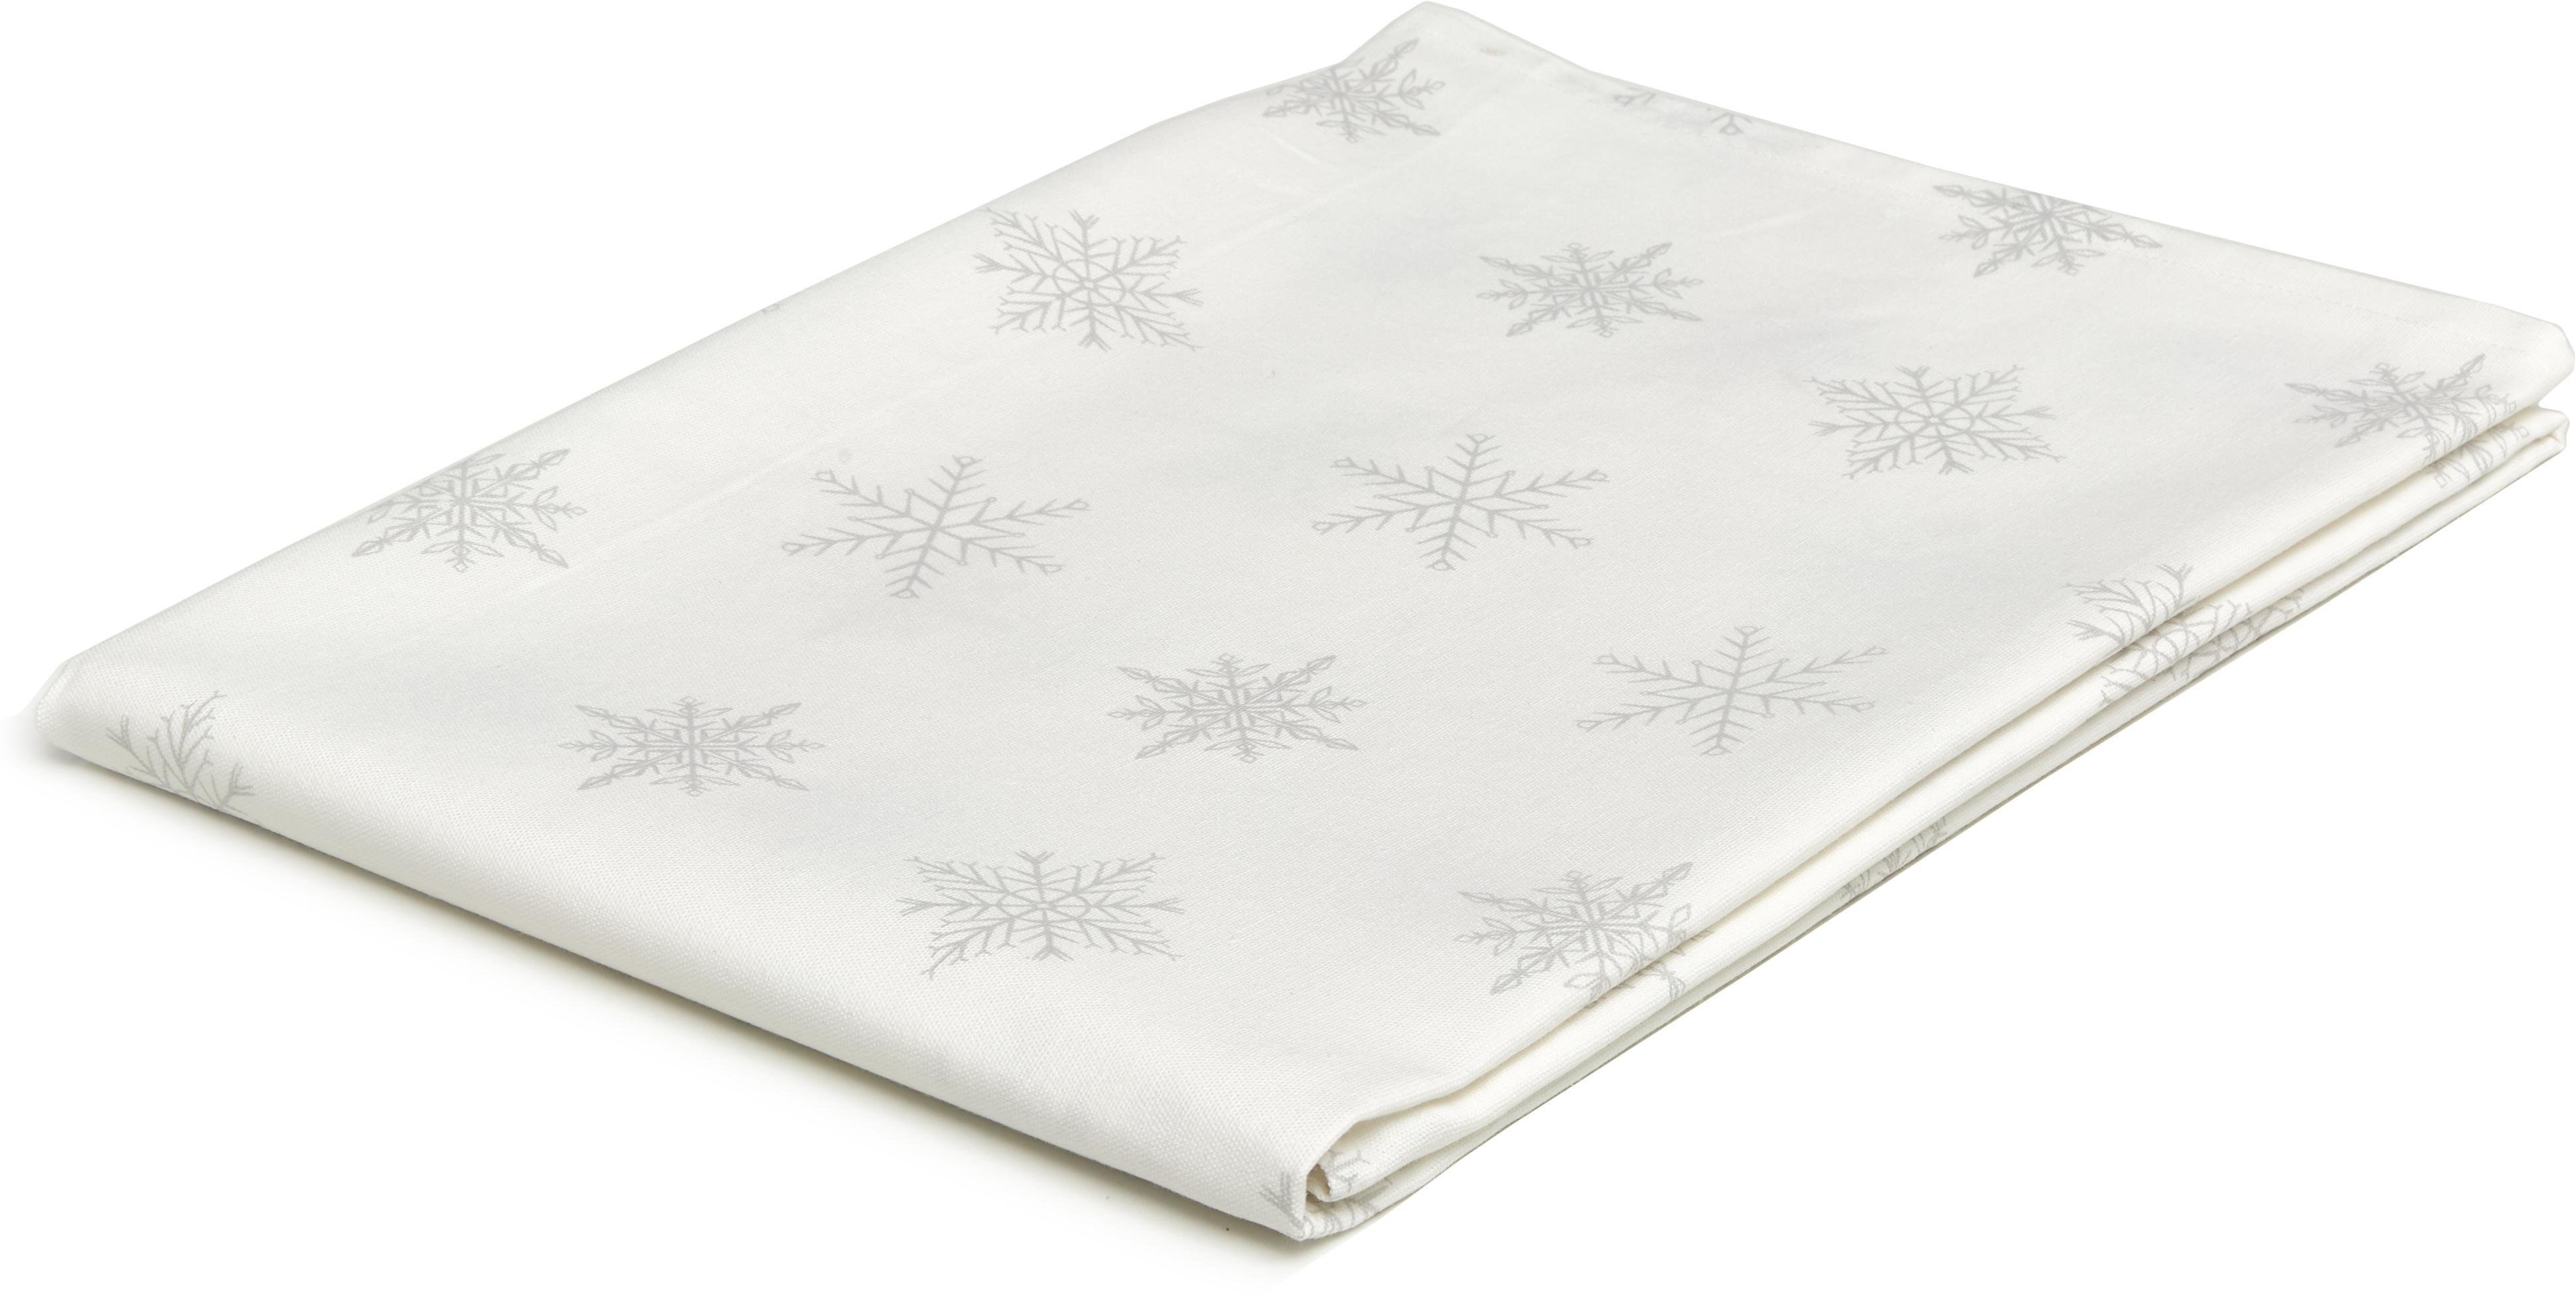 Tovaglia Snow, 100% cotone da coltivazione sostenibile, Bianco, crema, Larg. 145 x Lung. 200 cm